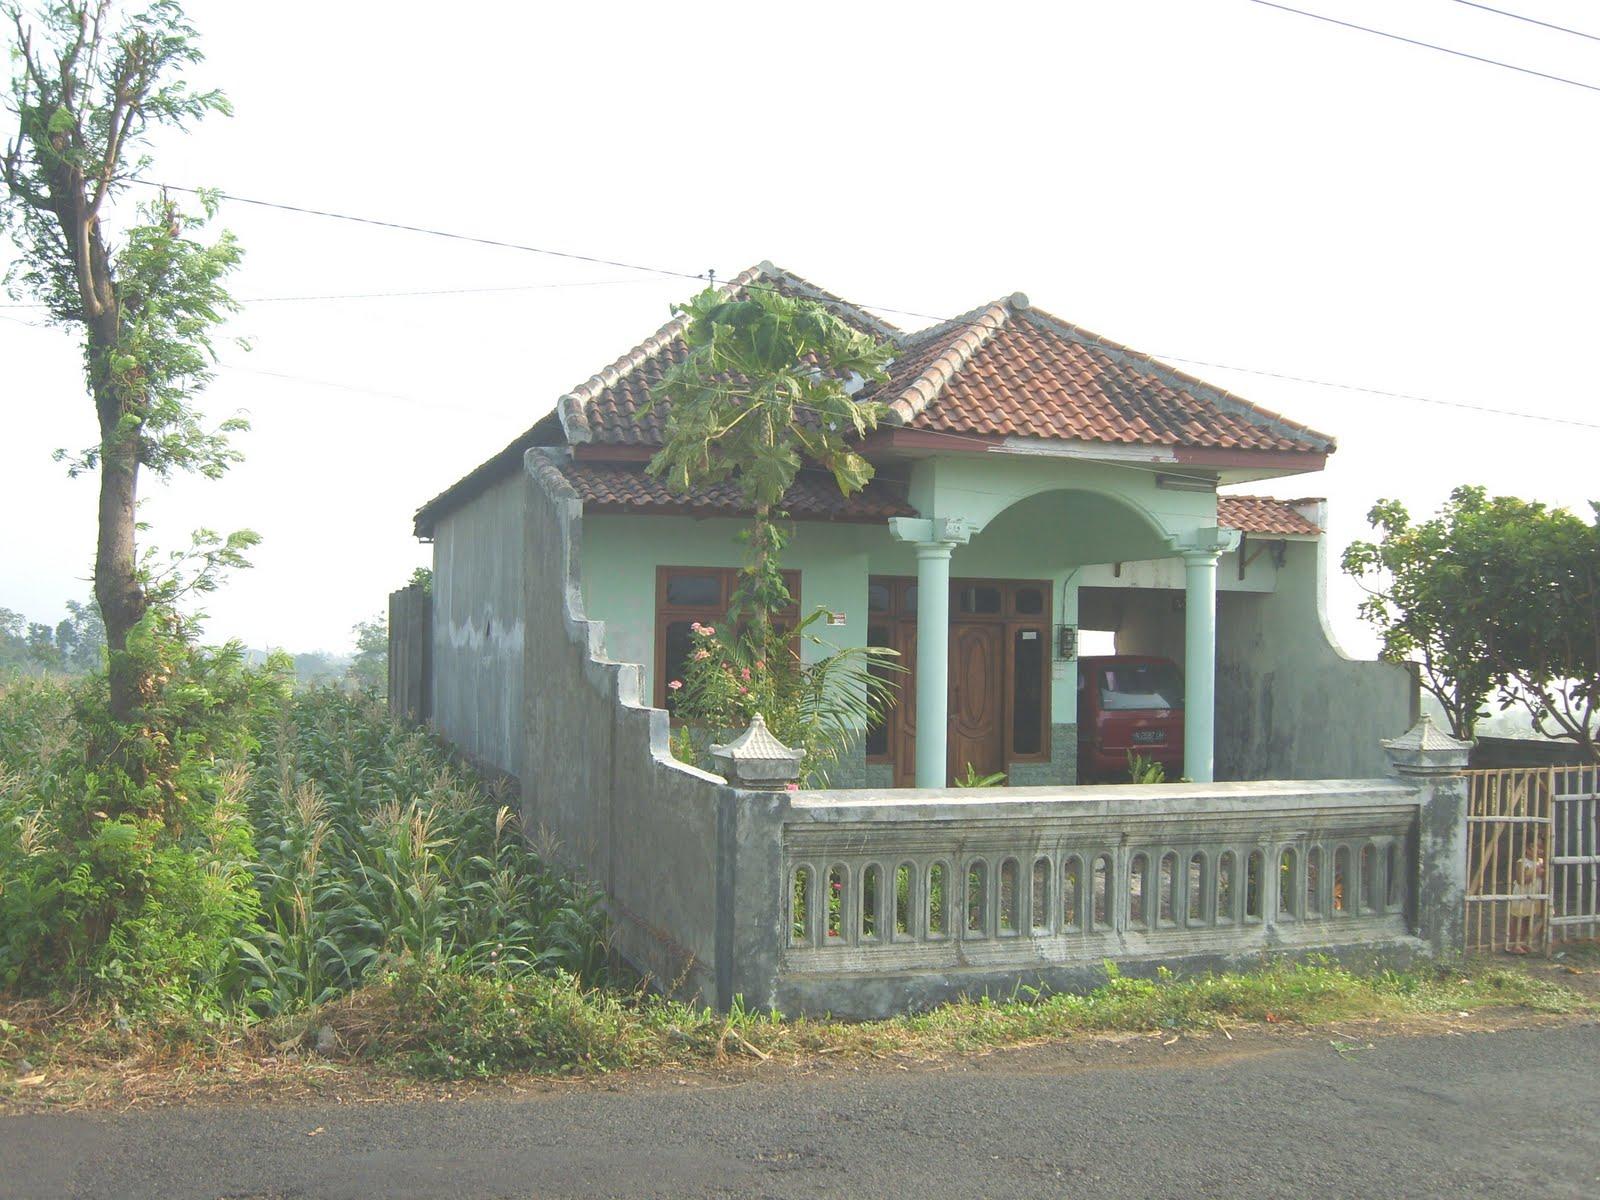 Indah 21 Gambar Rumah Kampung 19 Bangun Inspirasi Interior Rumah untuk 21 Gambar Rumah Kampung